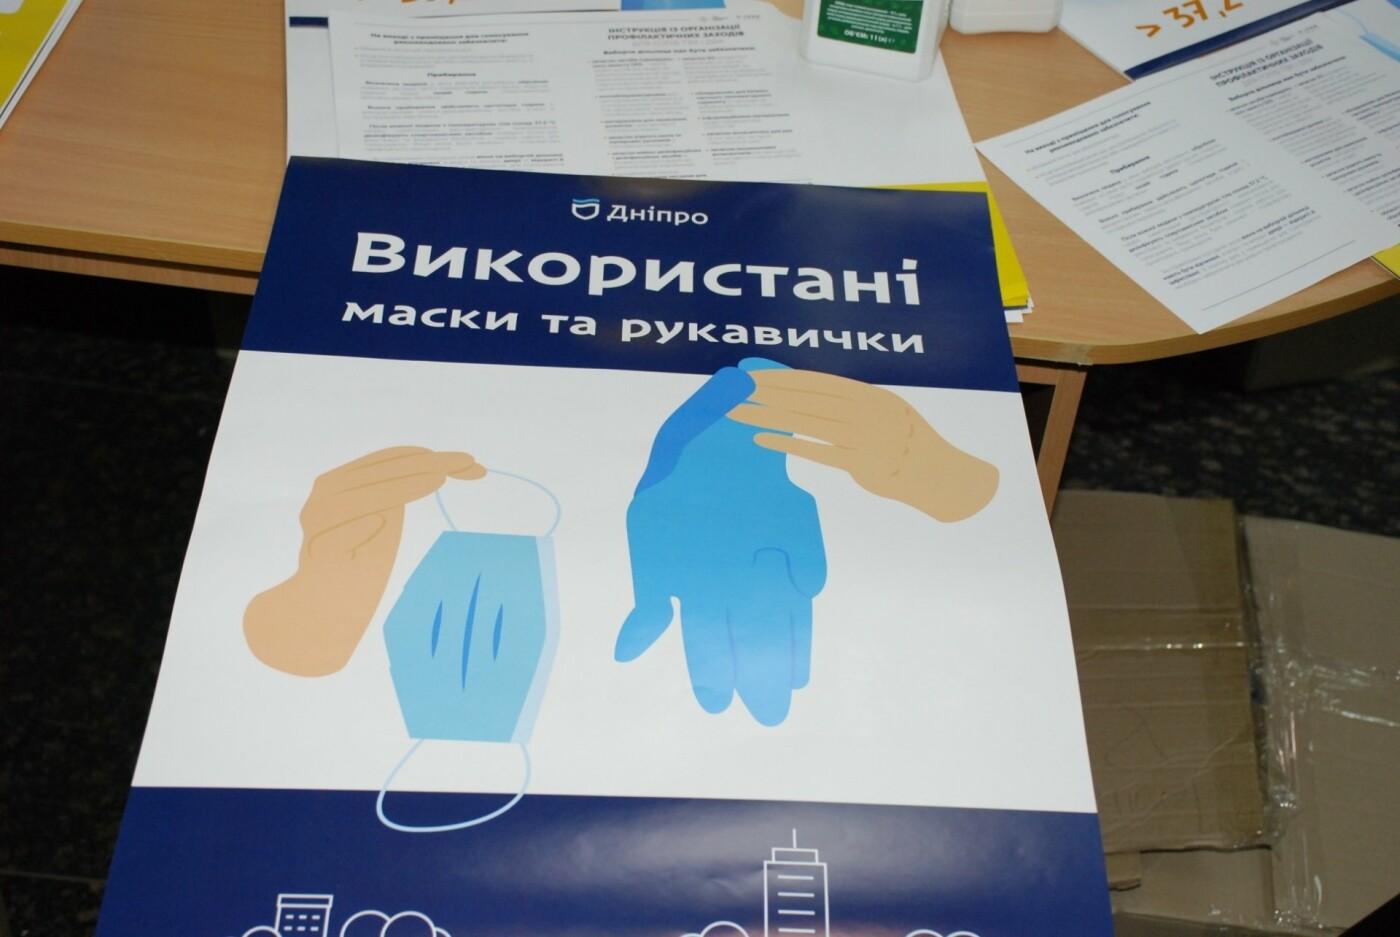 Выборы в Днепре: как будут следить за безопасностью избирателей, фото-8